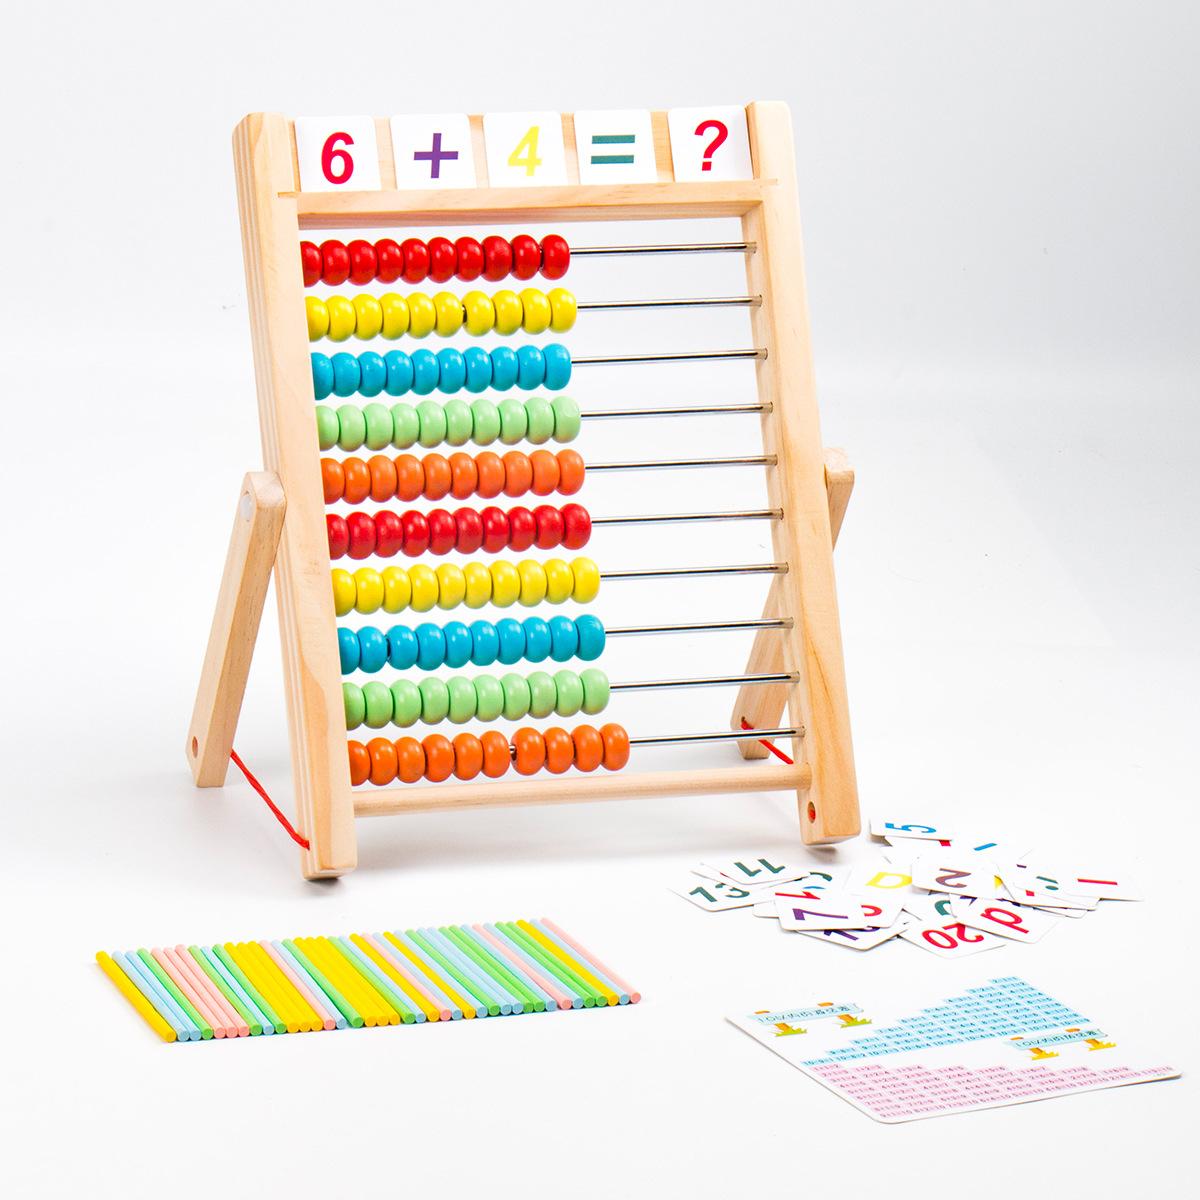 木制十档多功能算术计算架p.65儿童学前数学运算算盘早教益智玩具